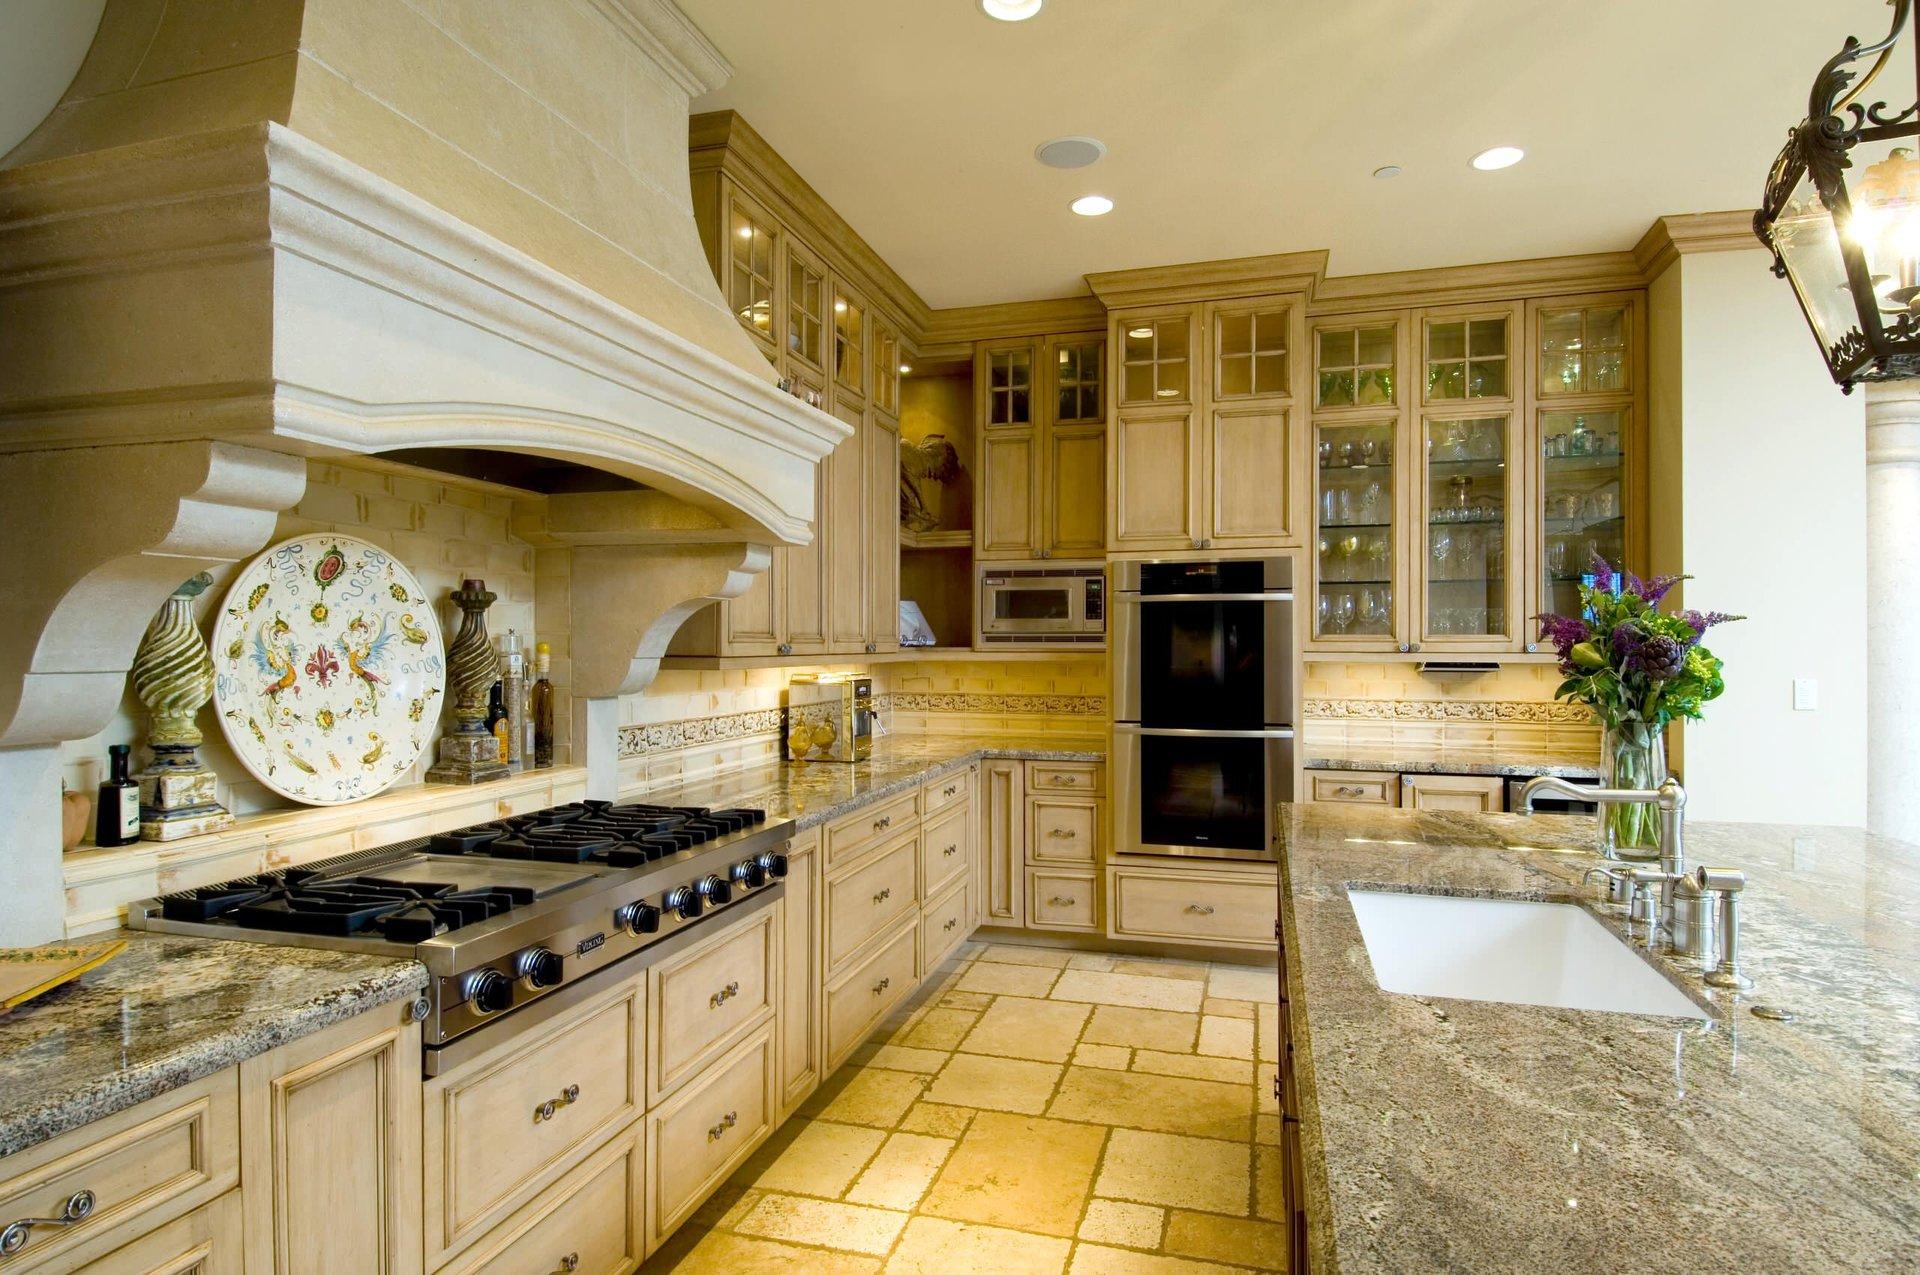 элементы дизайн кухни в итальянском стиле фото него